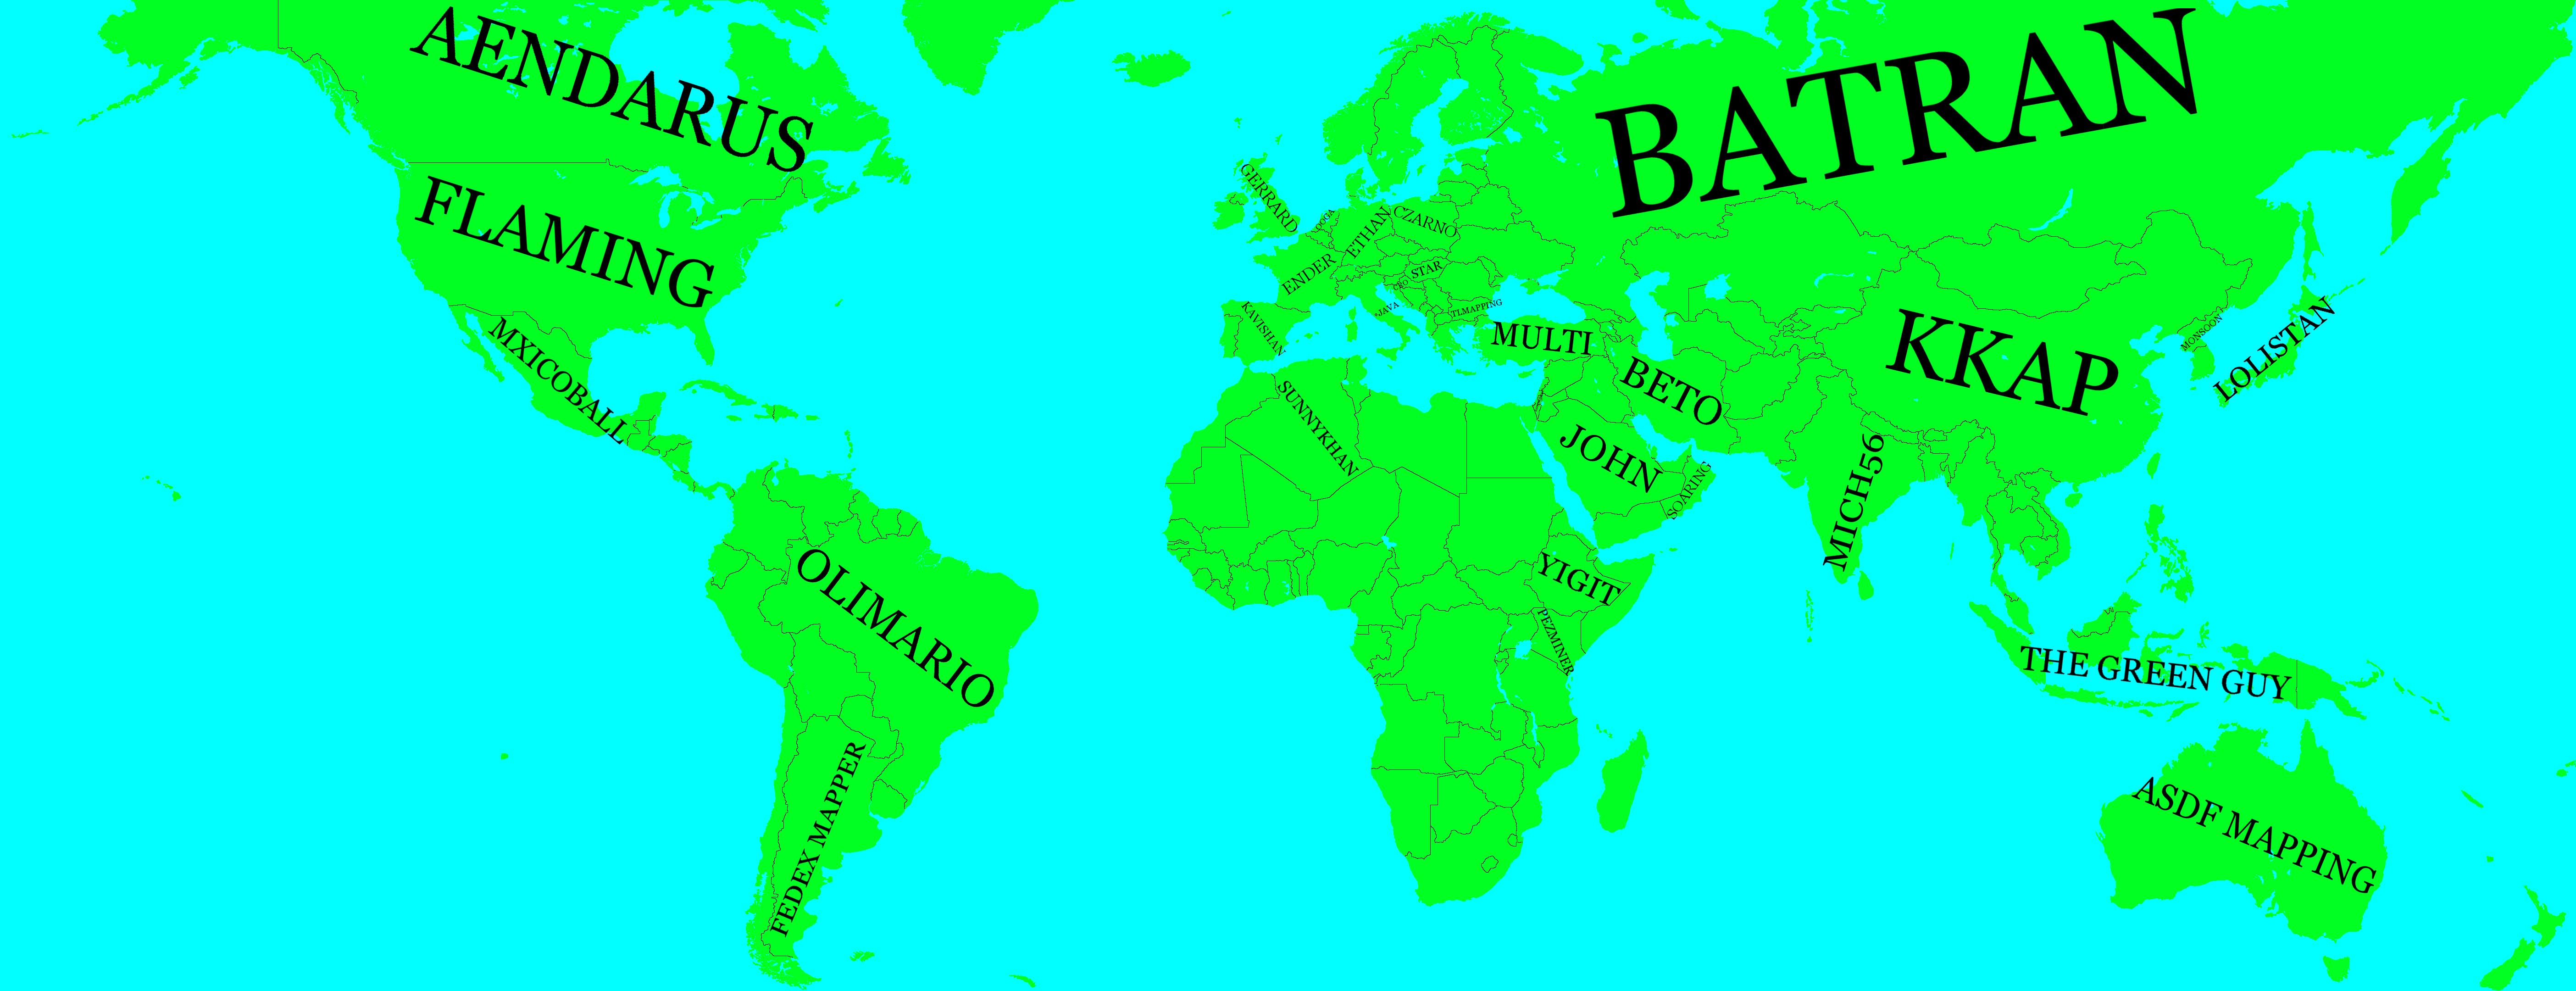 Alternate future scenarios for global domination